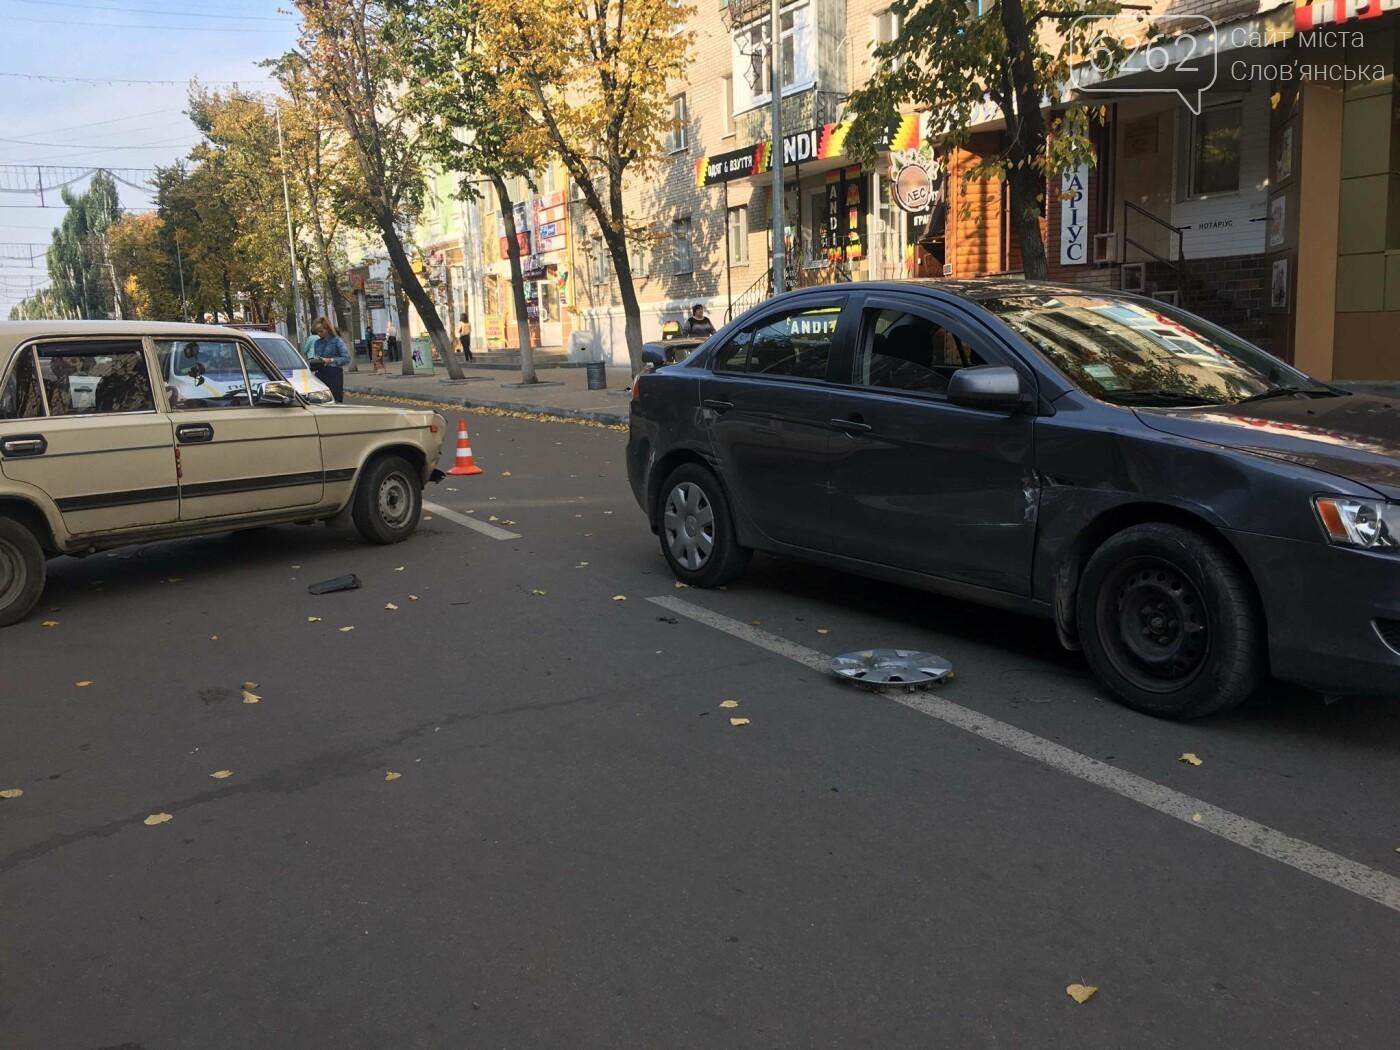 В центре Славянска произошло ДТП - фото, фото-1